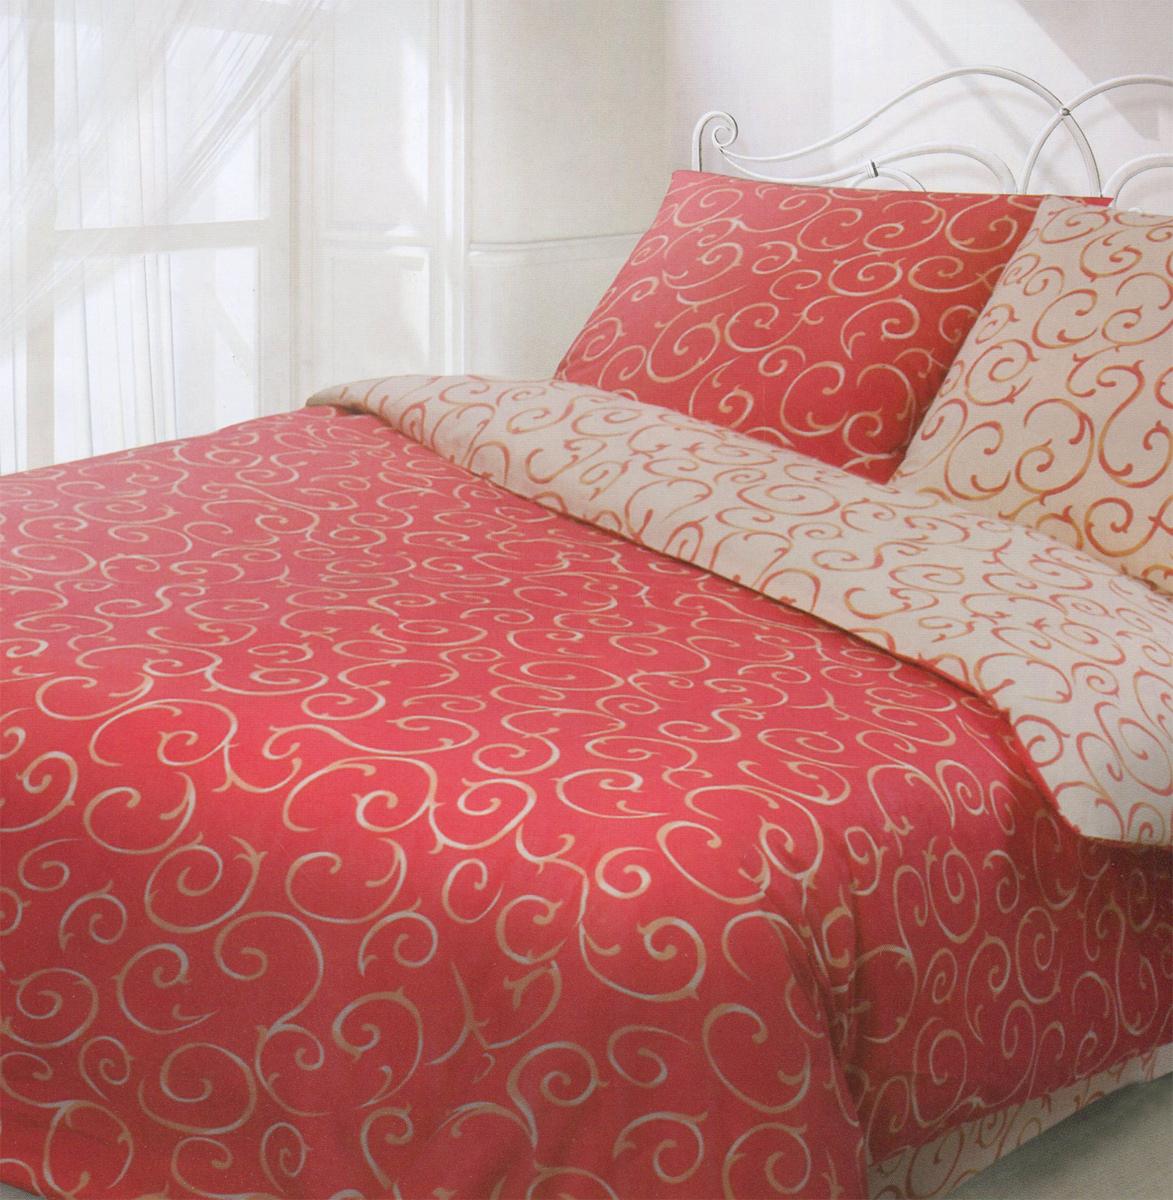 Комплект белья Гармония Барокко, евро, наволочки 50x70, цвет: красный, бежевыйFA-5125 WhiteКомплект постельного белья Гармония Барокко является экологически безопасным, так как выполнен из поплина (100% хлопок). Комплект состоит из пододеяльника, простыни и двух наволочек. Постельное белье оформлено оригинальным орнаментом и имеет изысканный внешний вид.Постельное белье Гармония - лучший выбор для современной хозяйки! Его отличают демократичная цена и отличное качество.Гармония производится из поплина - 100% хлопковой ткани. Поплин мягкий и приятный на ощупь. Кроме того, эта ткань не требует особого ухода, легко стирается и прекрасно держит форму. Высококачественные красители, которые используются при производстве постельного белья, экологичны и сохраняют свой цвет даже после многочисленных стирок.Благодаря высокому качеству ткани и европейским стандартам пошива постельное белье Гармония будет радовать вас долгие годы!